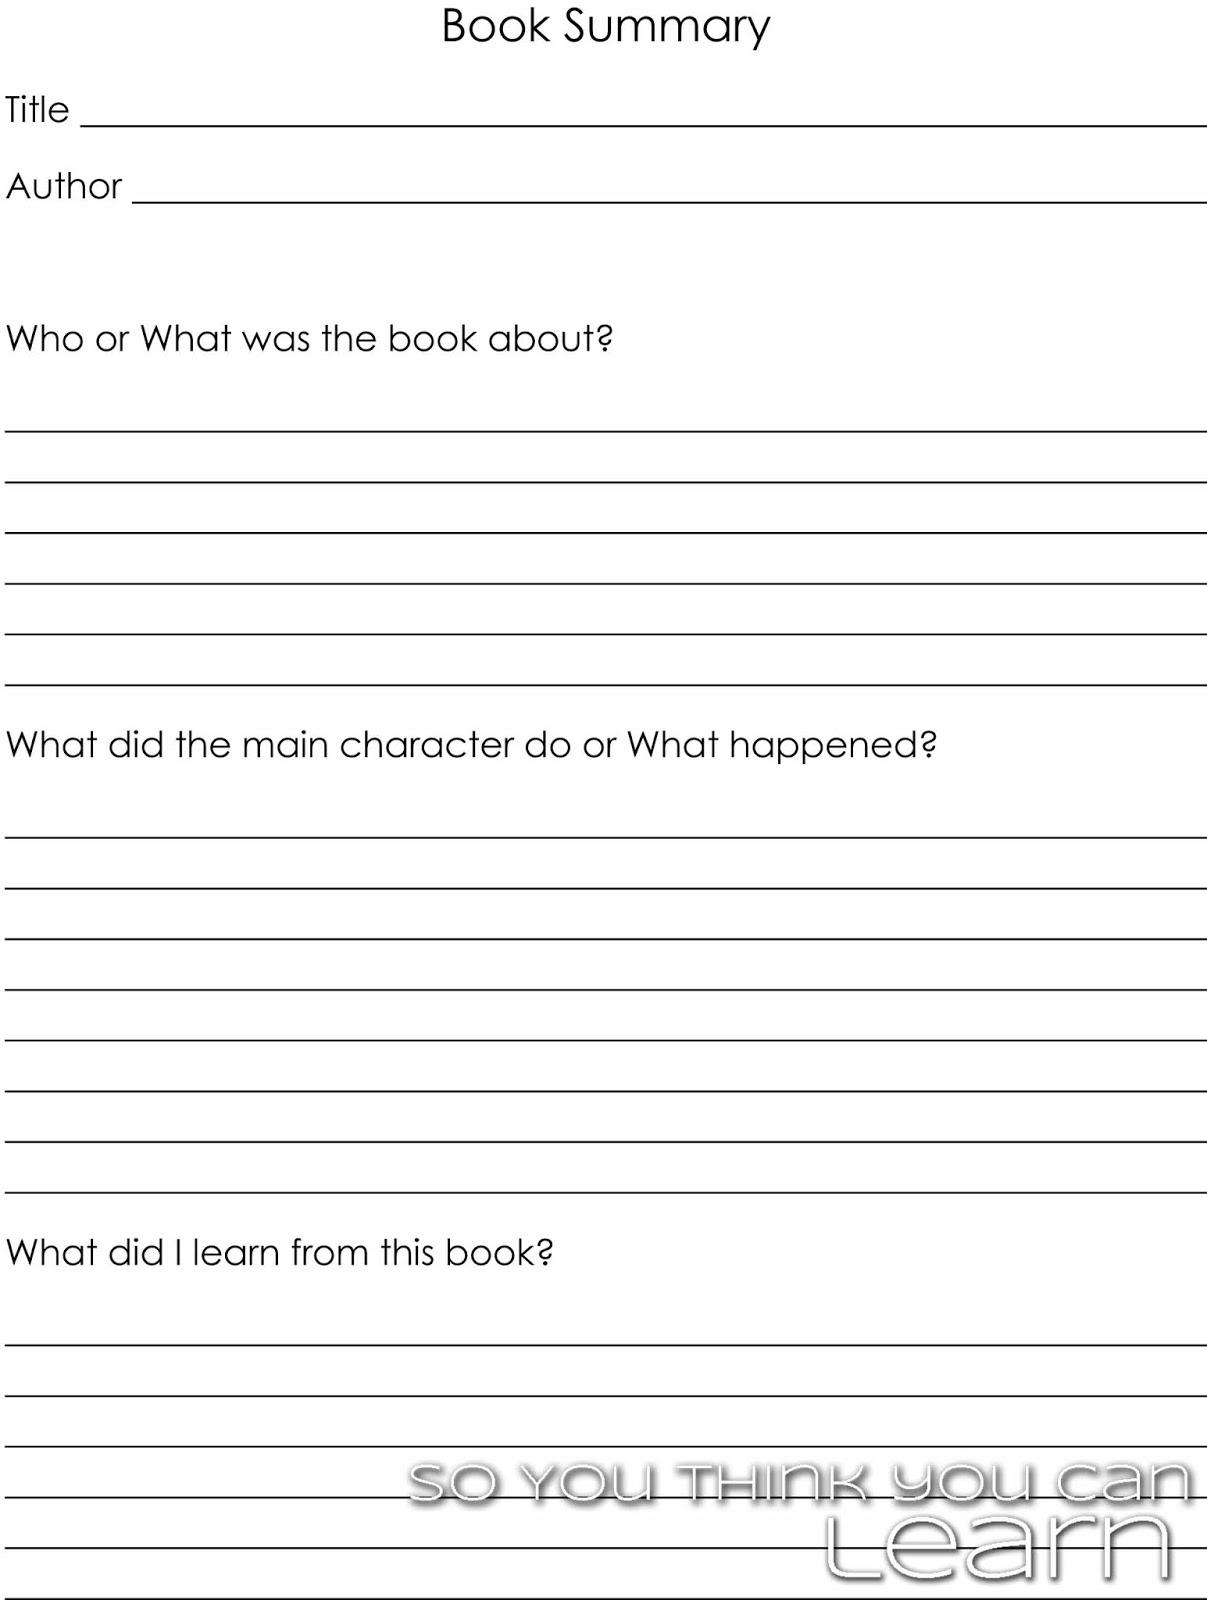 Form For Writing A Book Report Homework Center Writing A Book Report